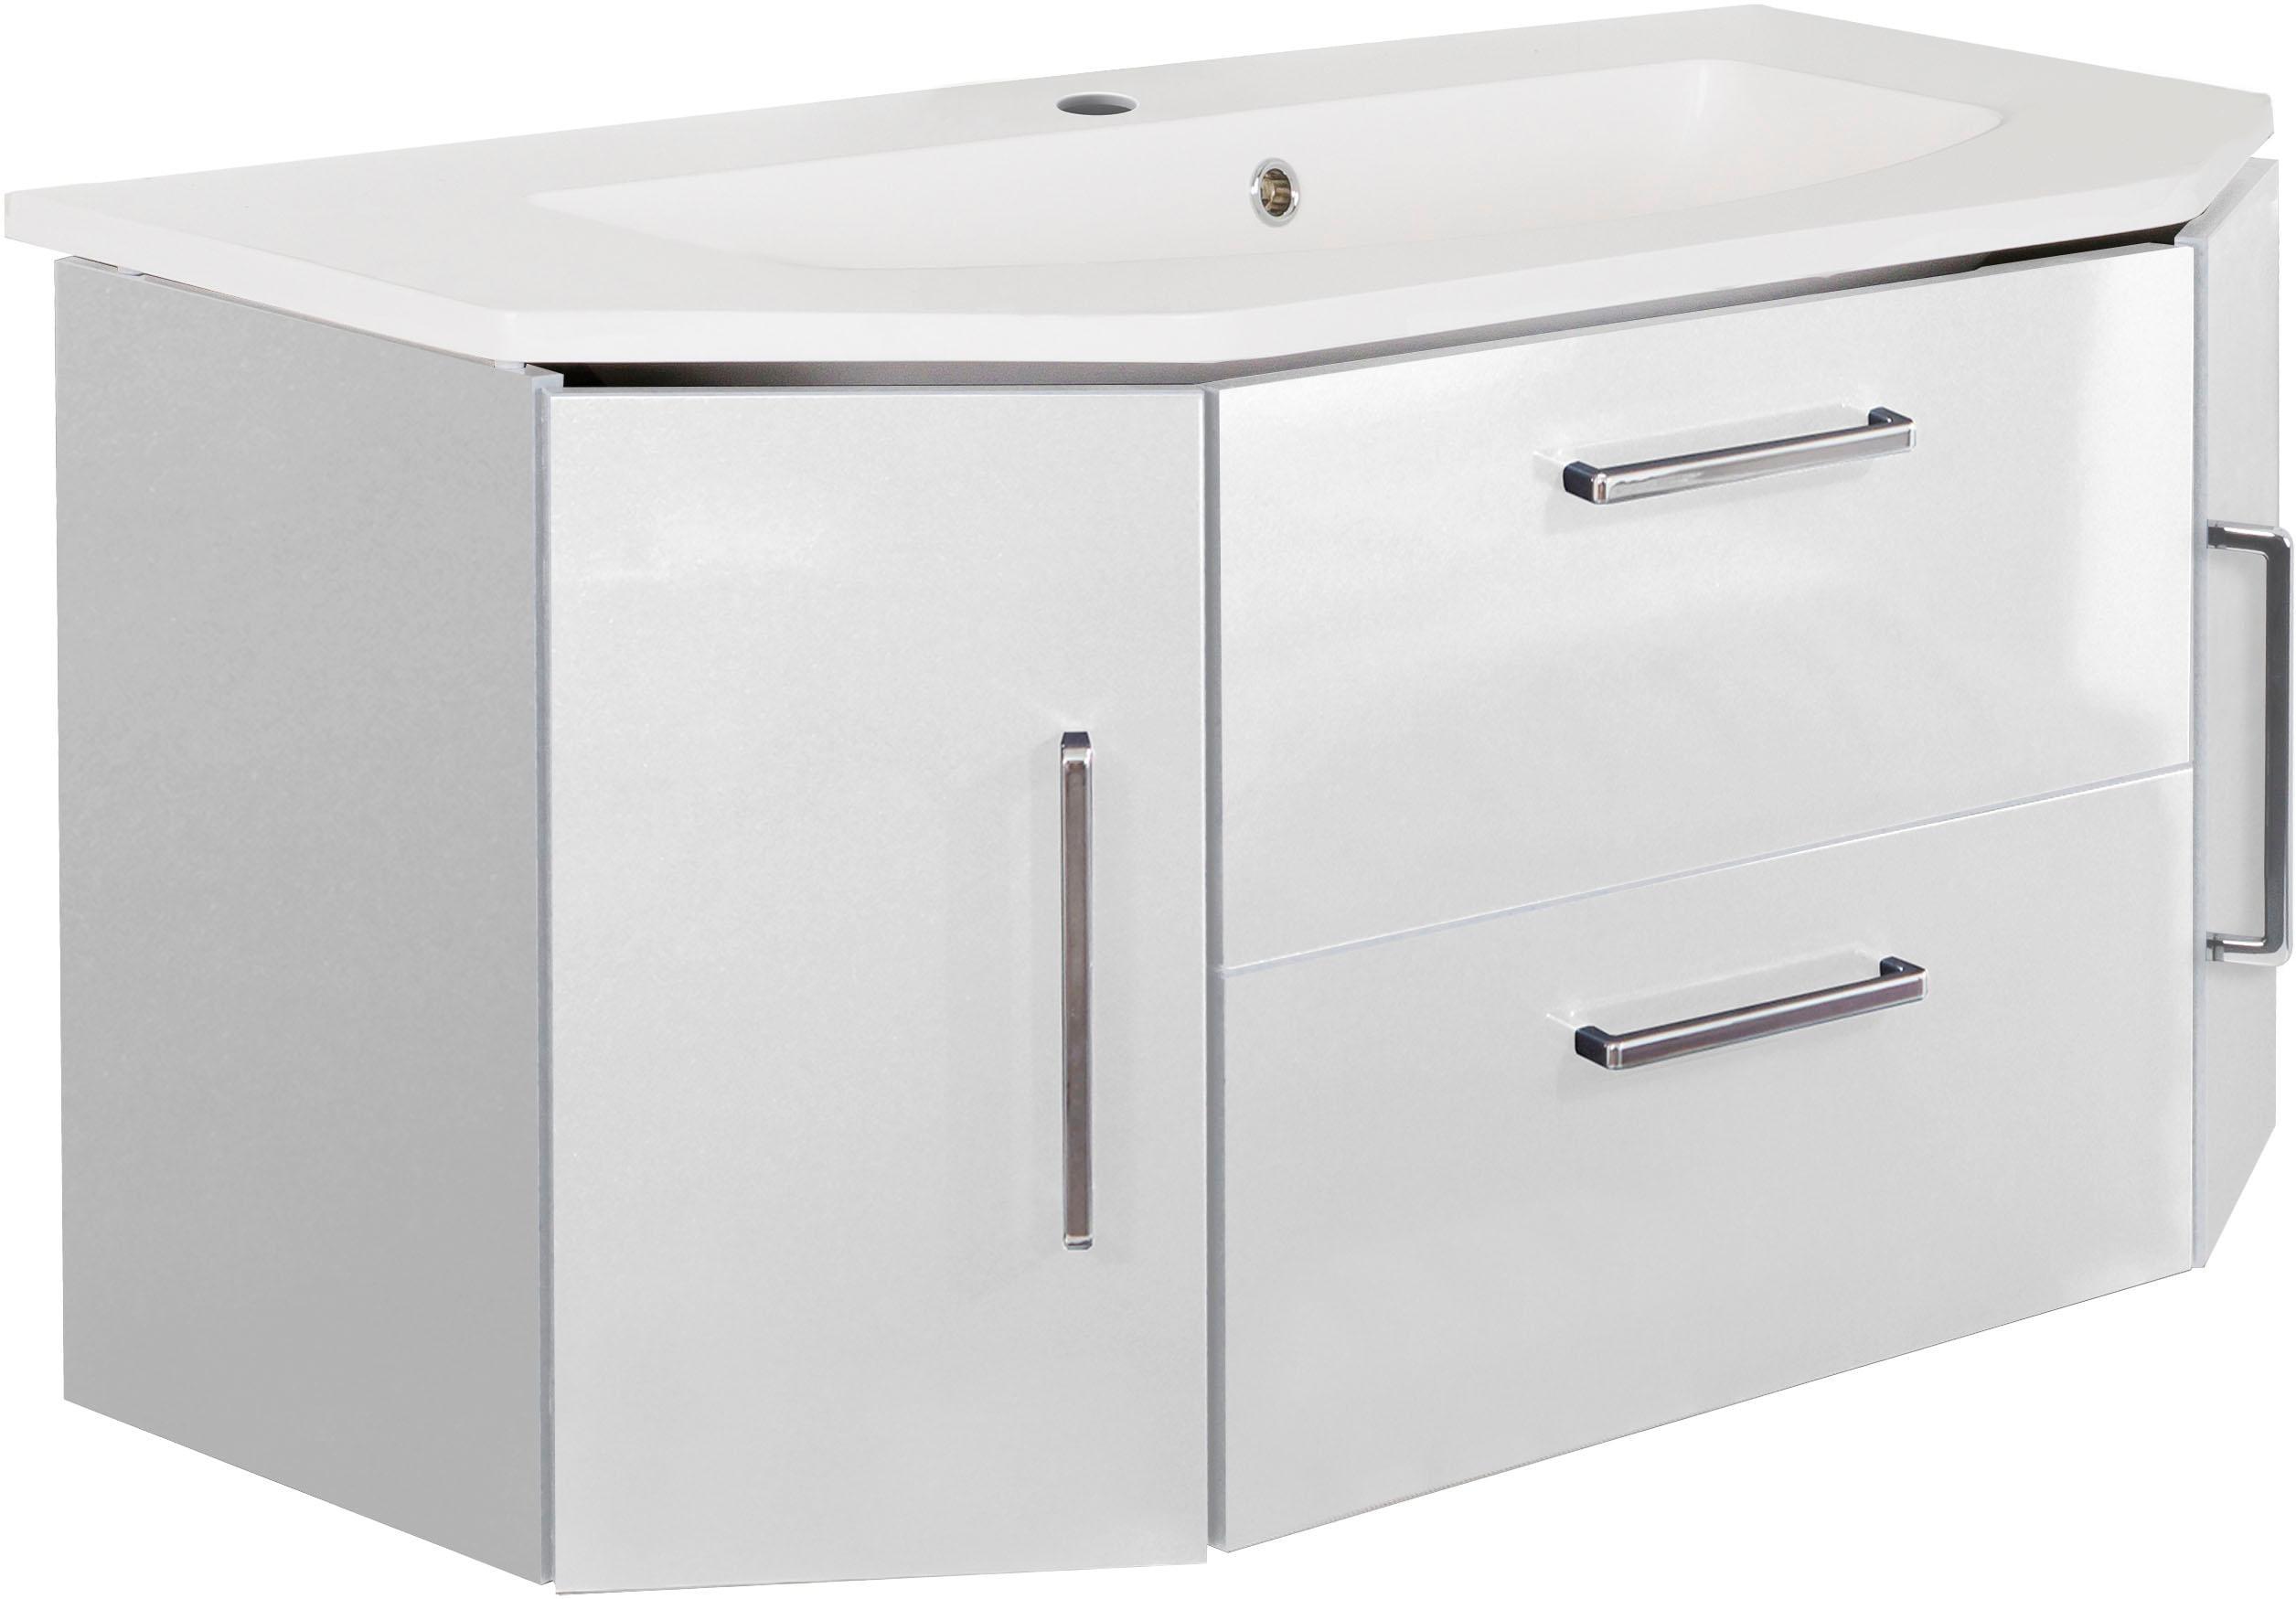 OPTIFIT Waschtisch, Ava weiß Waschtische Badmöbel